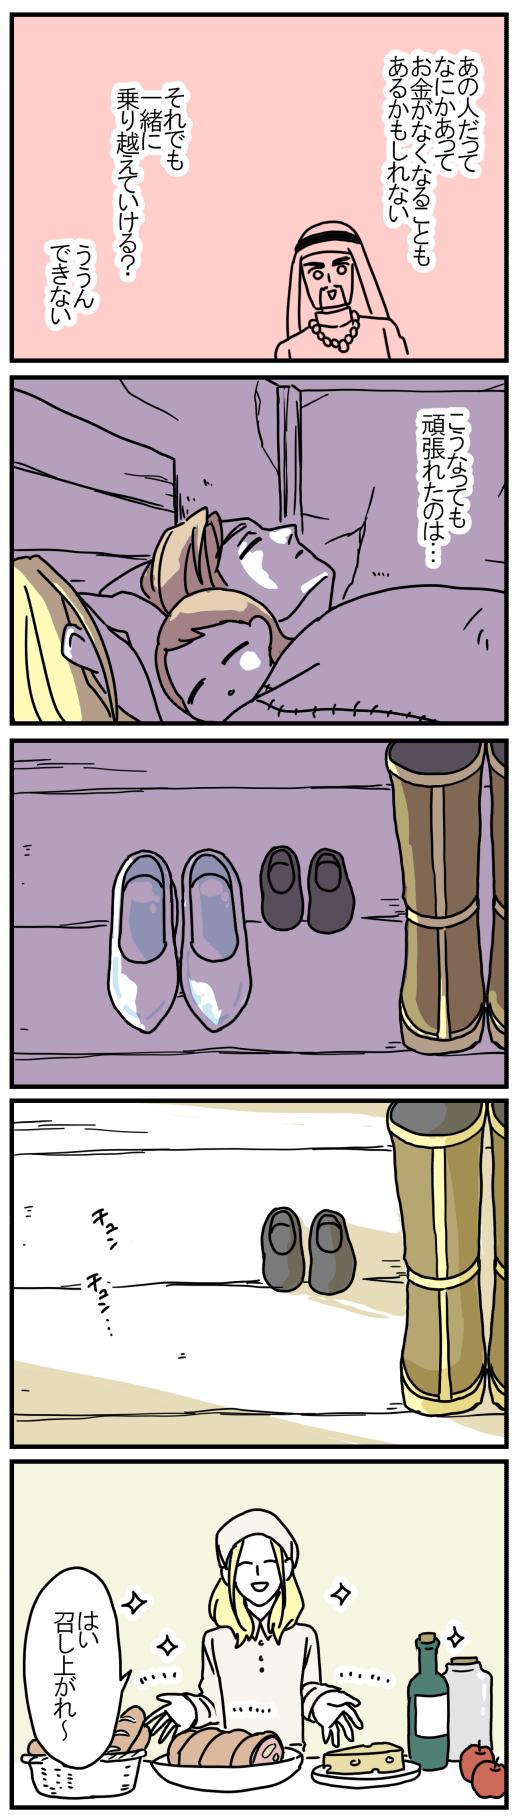 ガラスの靴と、シンデレラの決意 / ママはシンデレラ 最終話の画像3